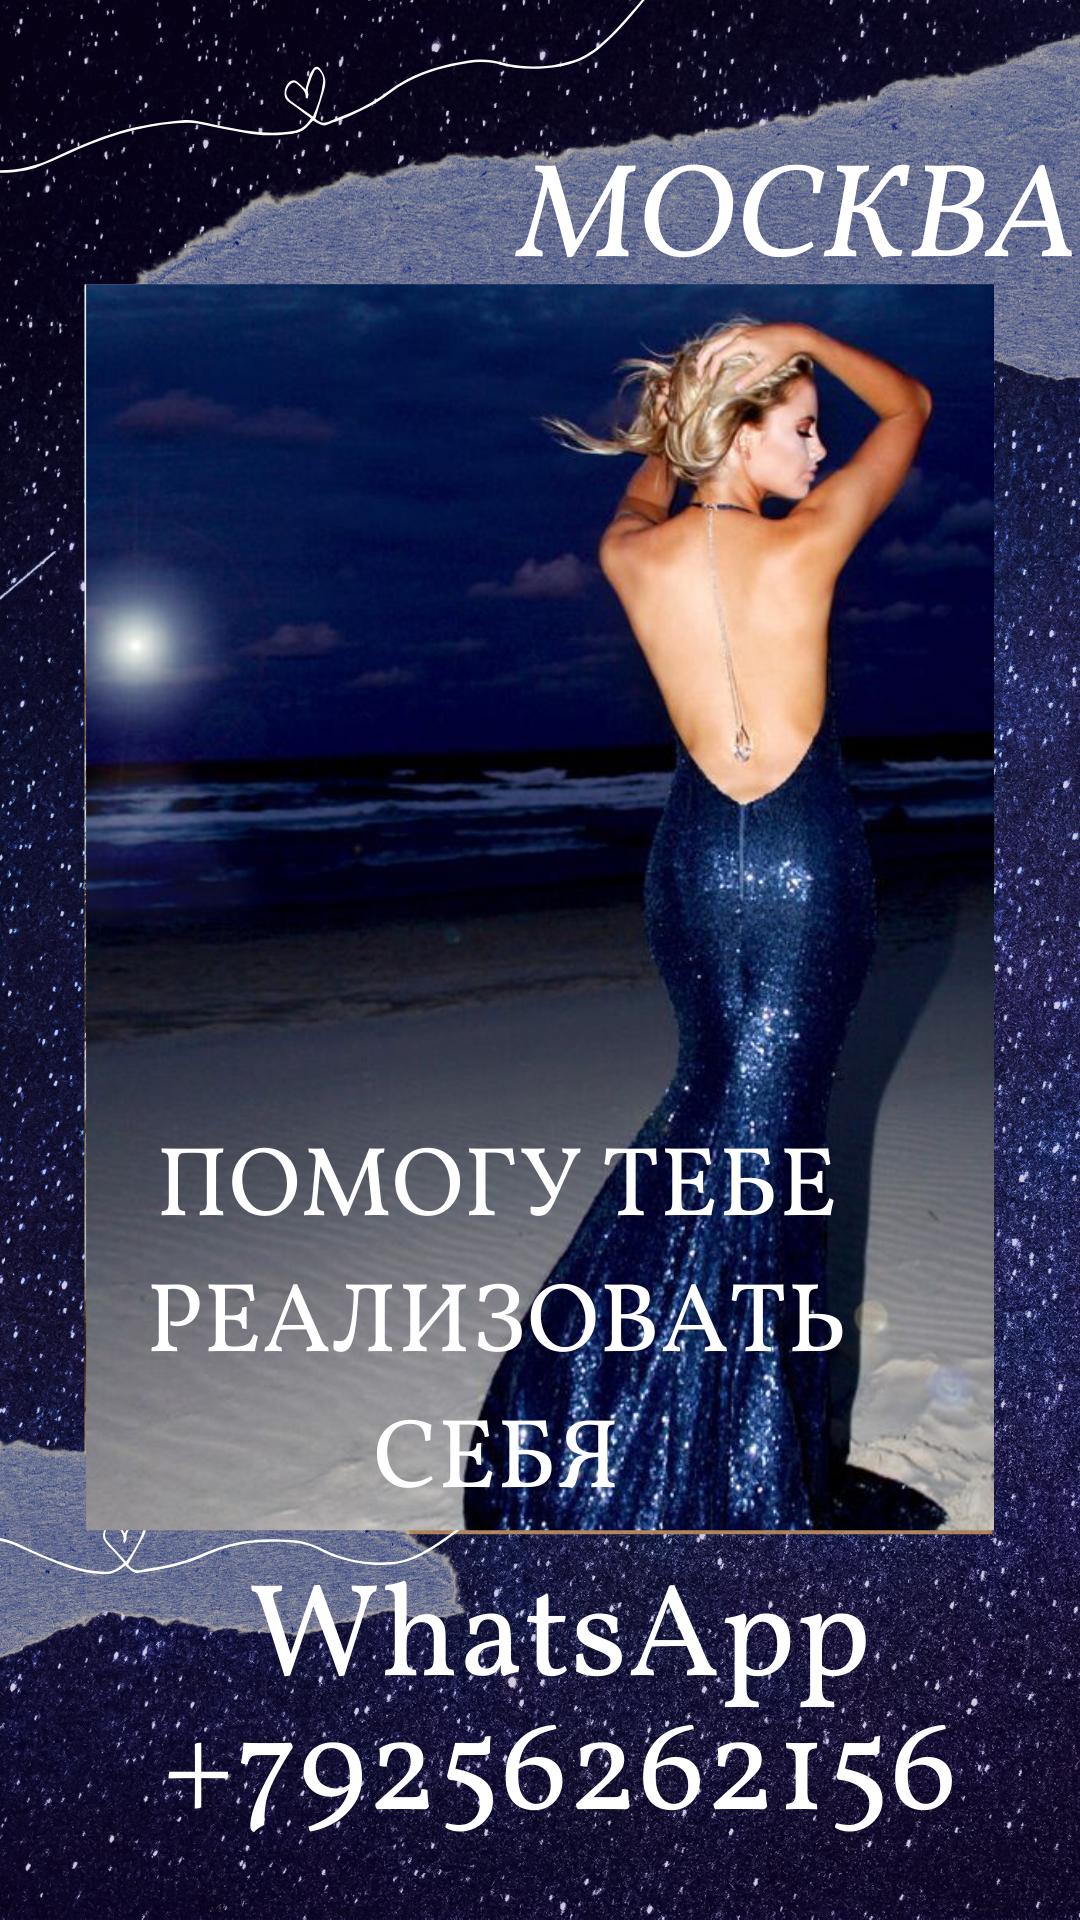 работа для девушки в россии